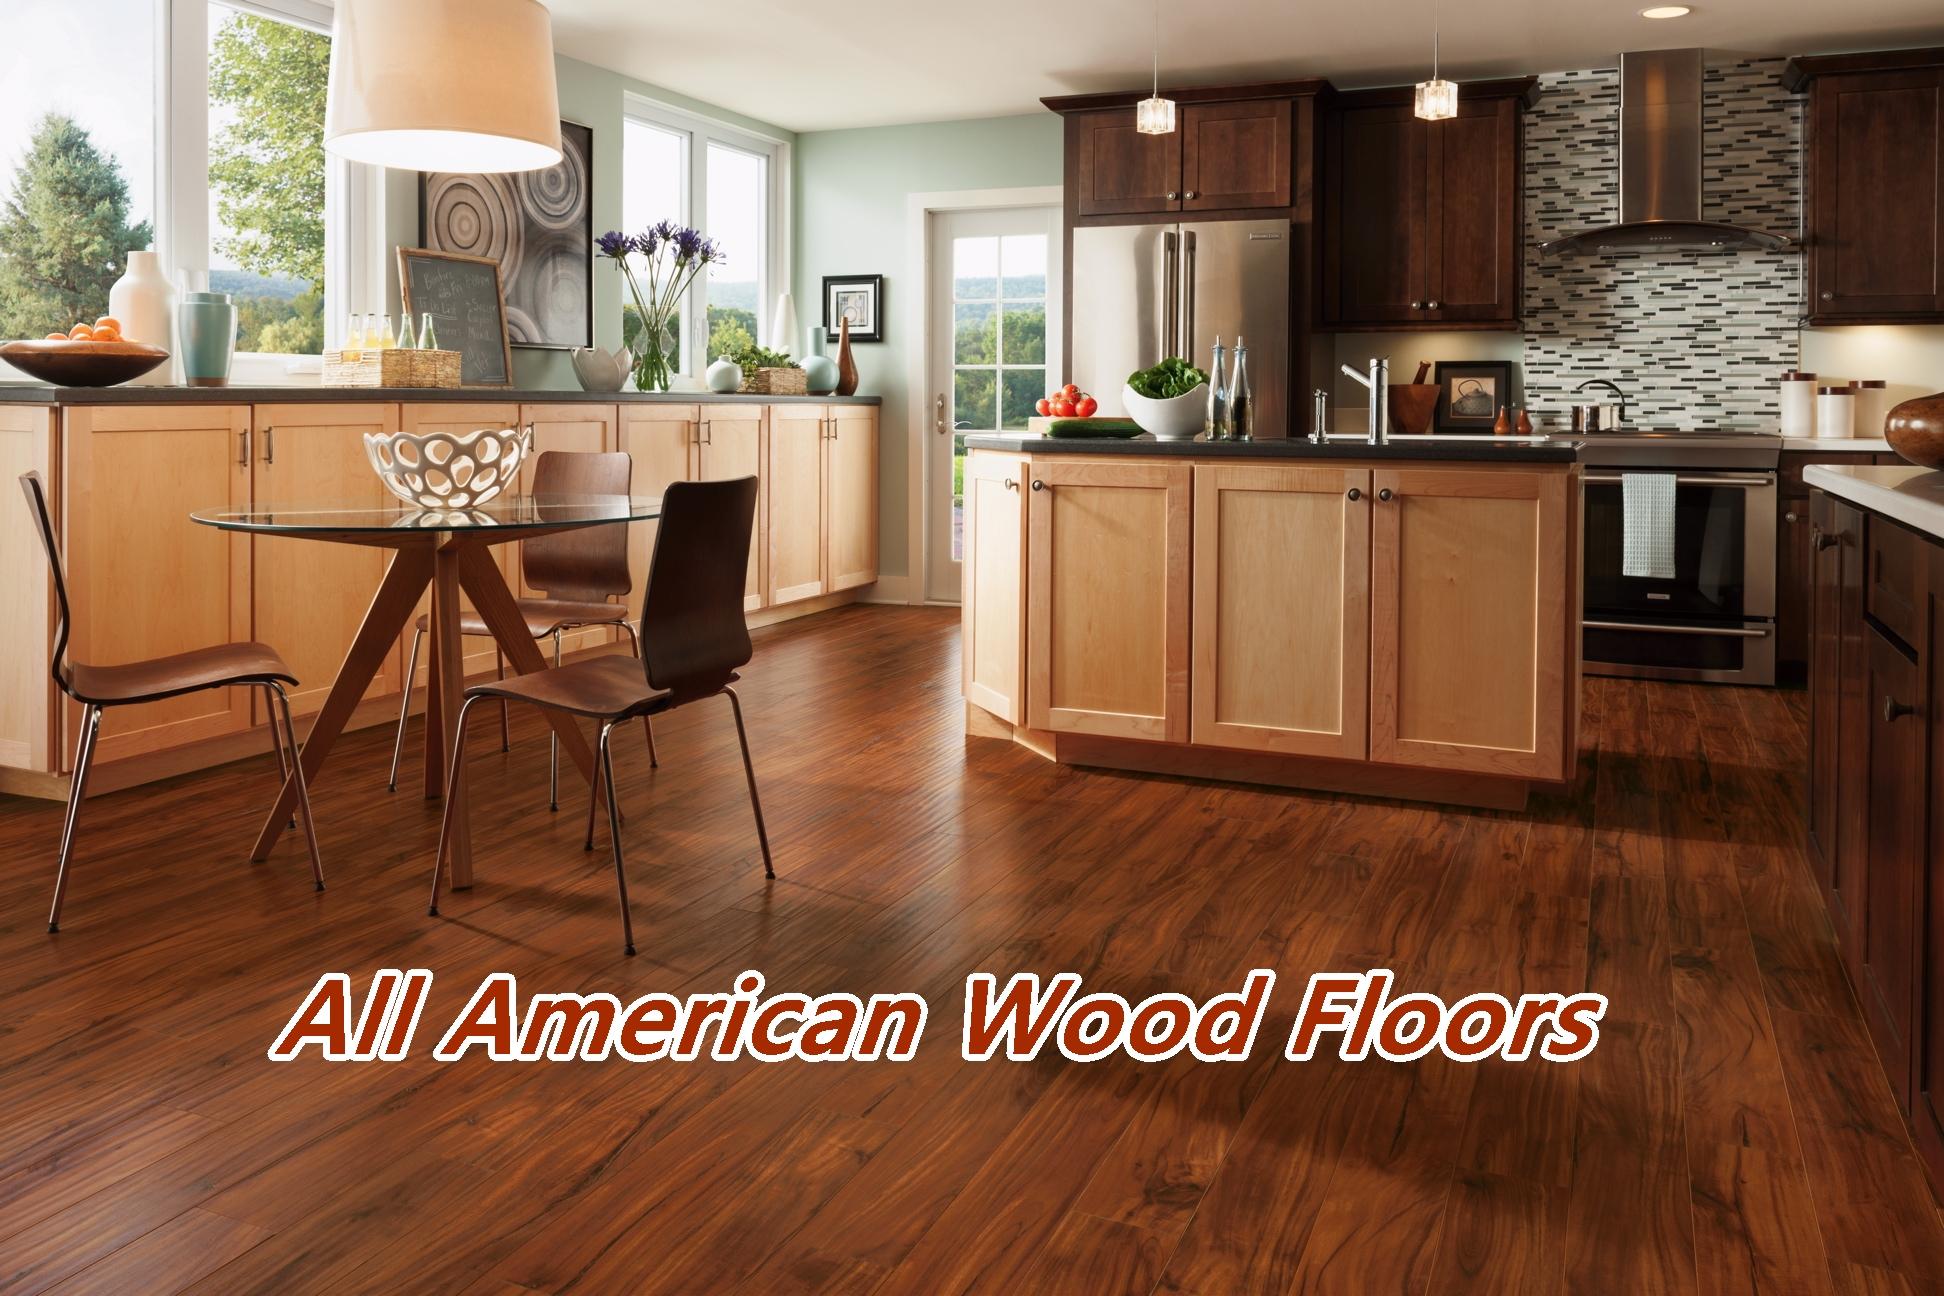 allamerican woodfloors wood floor in kitchen